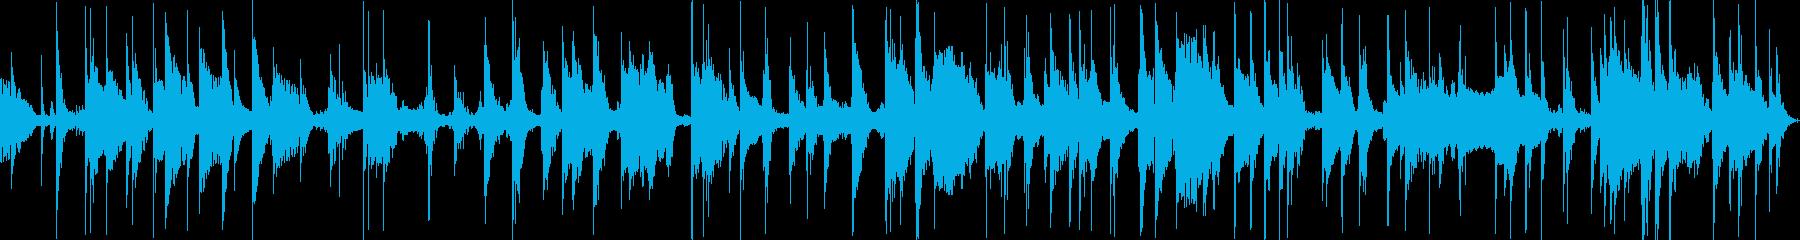 メタルクランクインパクト、チャイム...の再生済みの波形